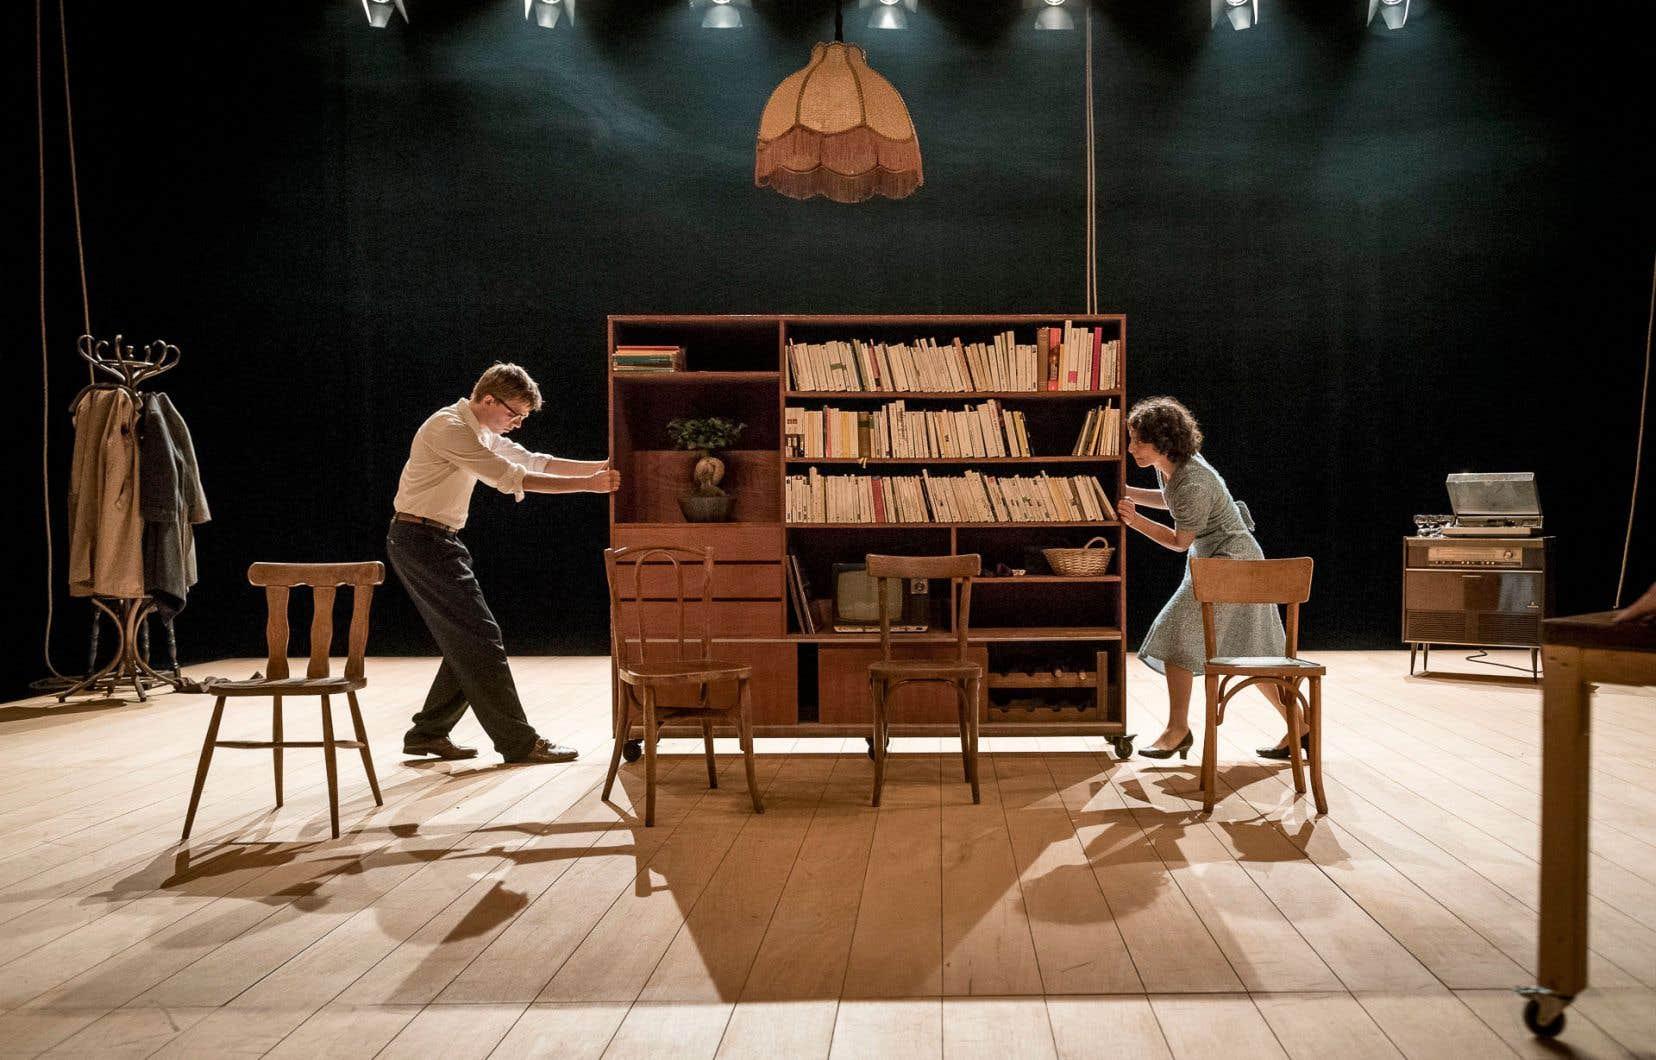 Il est question d'amour, de loisirs et de culture, mais plus encore de travail et d'argent dans la pièce belge «J'abandonne une partie de moi que j'adapte».